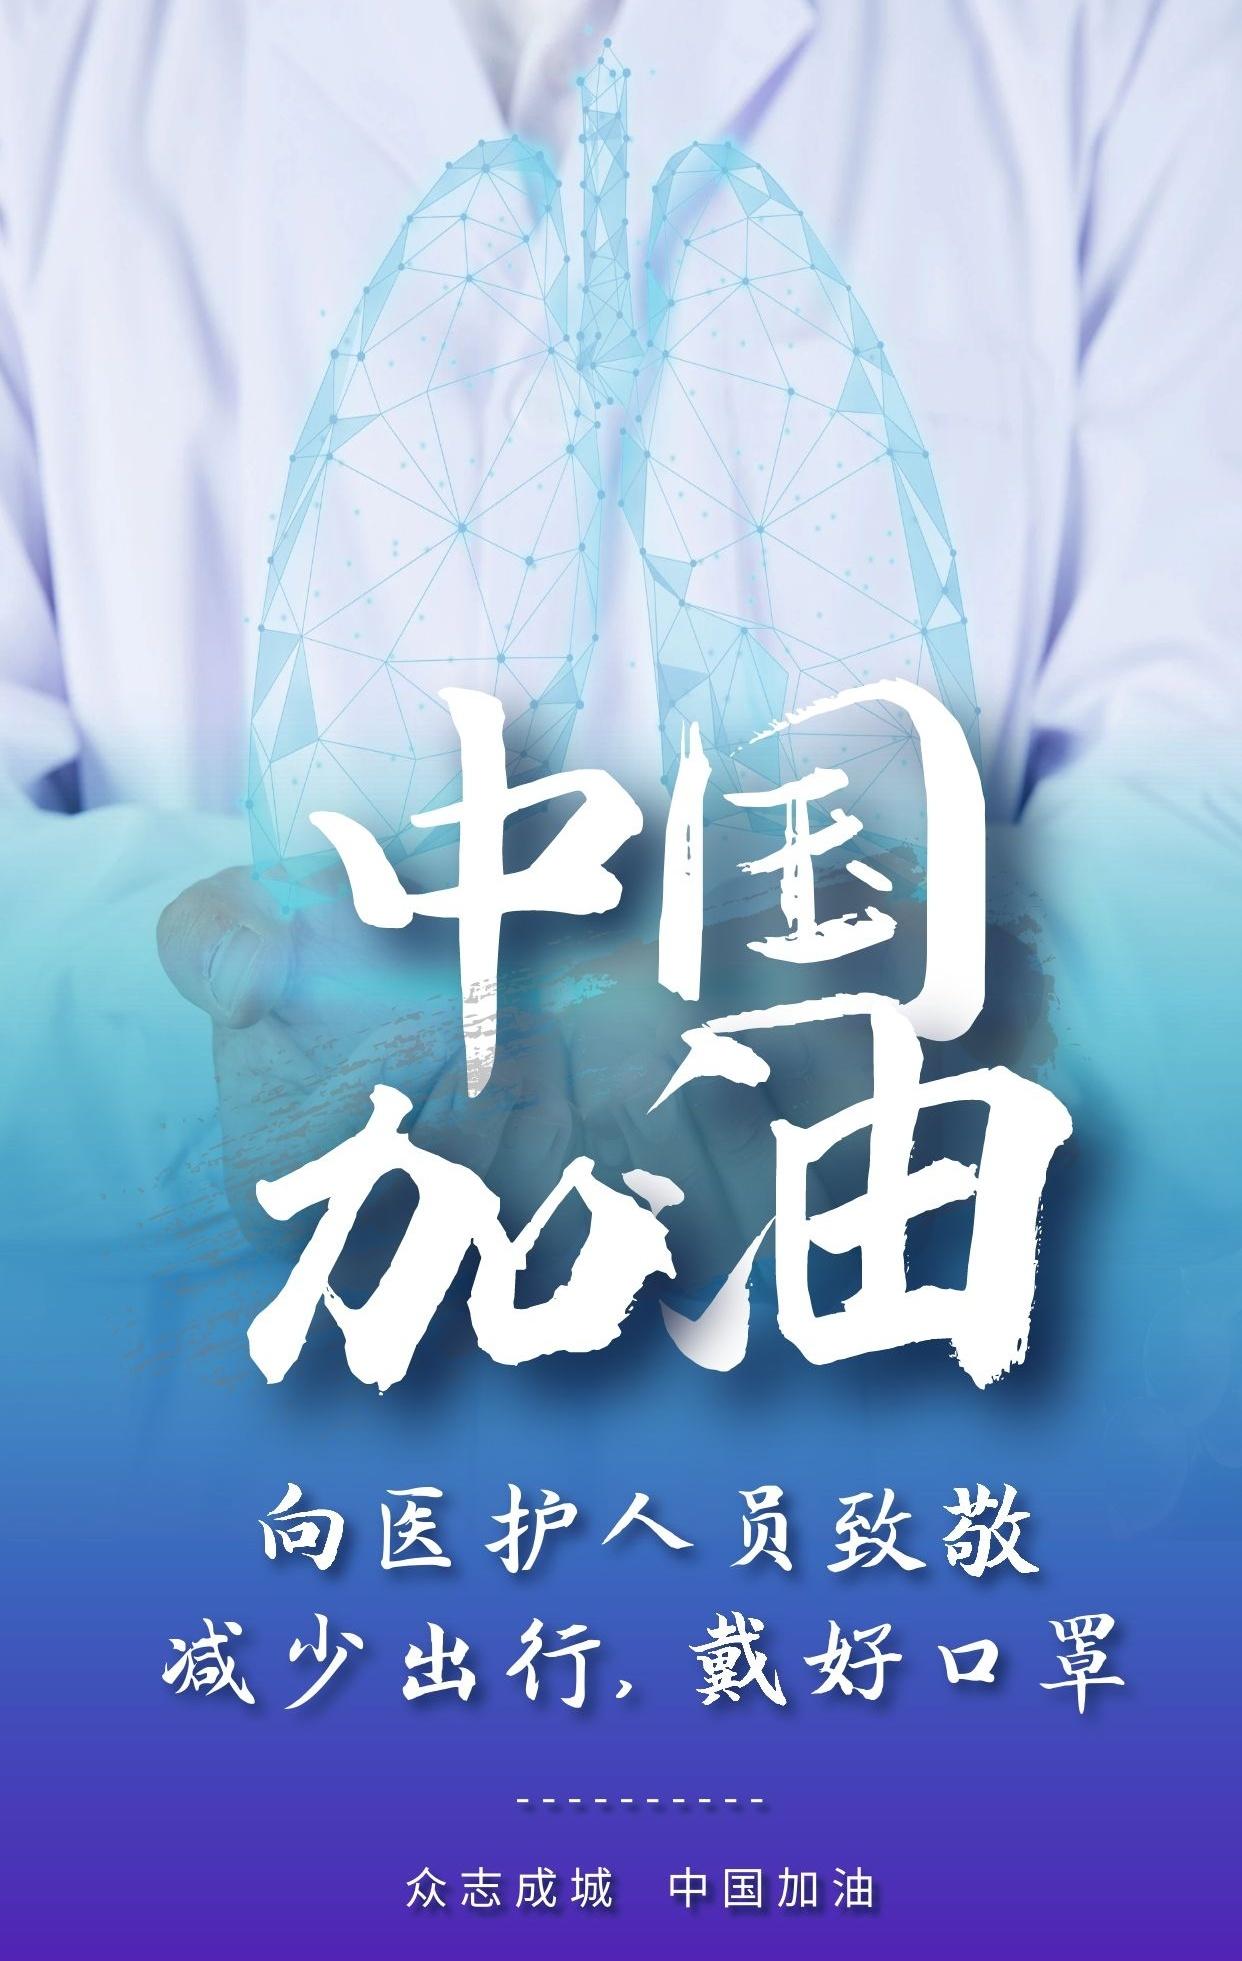 61_看图王.jpg